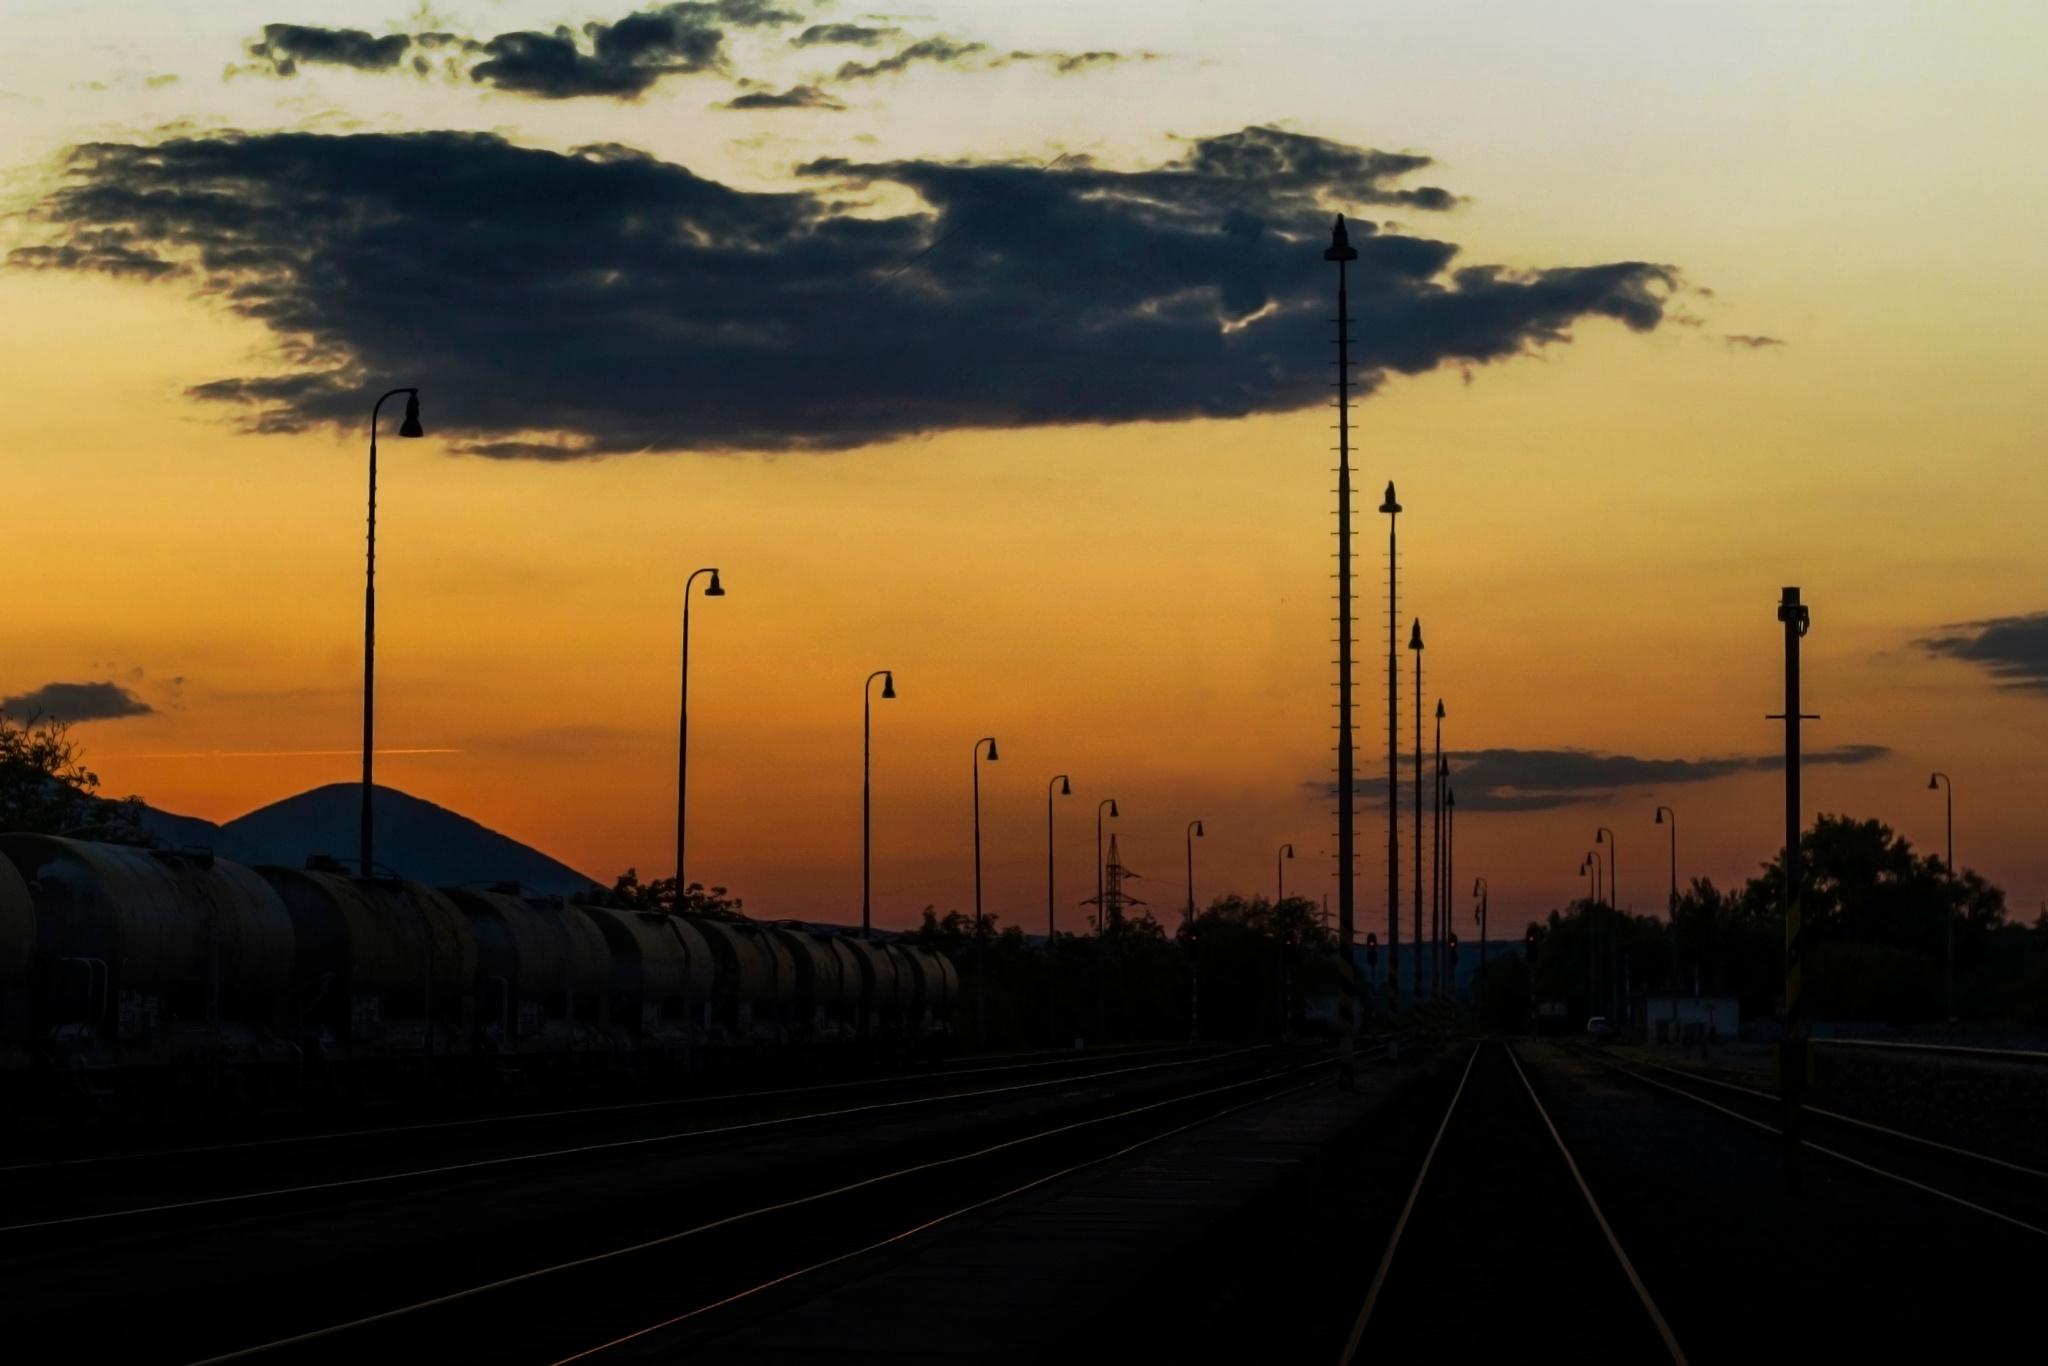 Sunset railstation VT by Daniel Tabaka